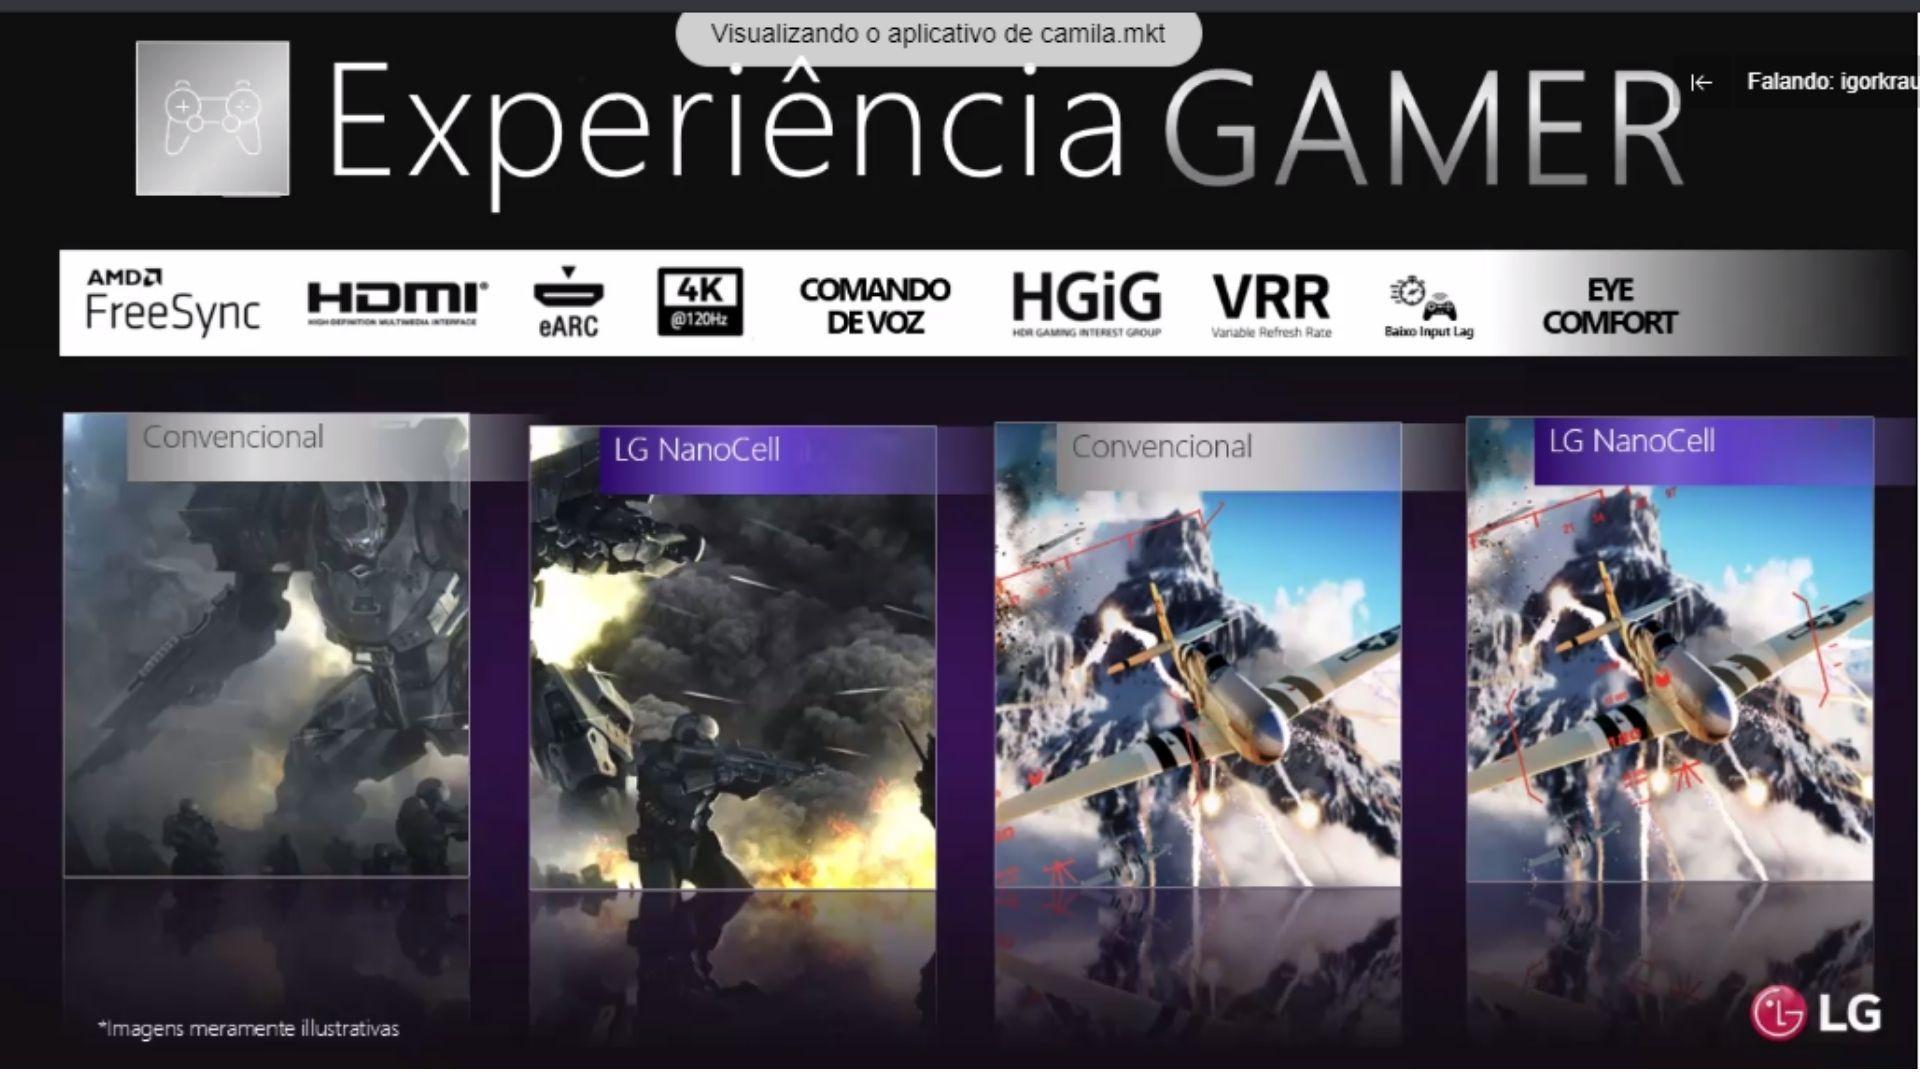 TVs LG NanoCell são ótimas opções para os gamers. (Imagem: Reprodução/LG)